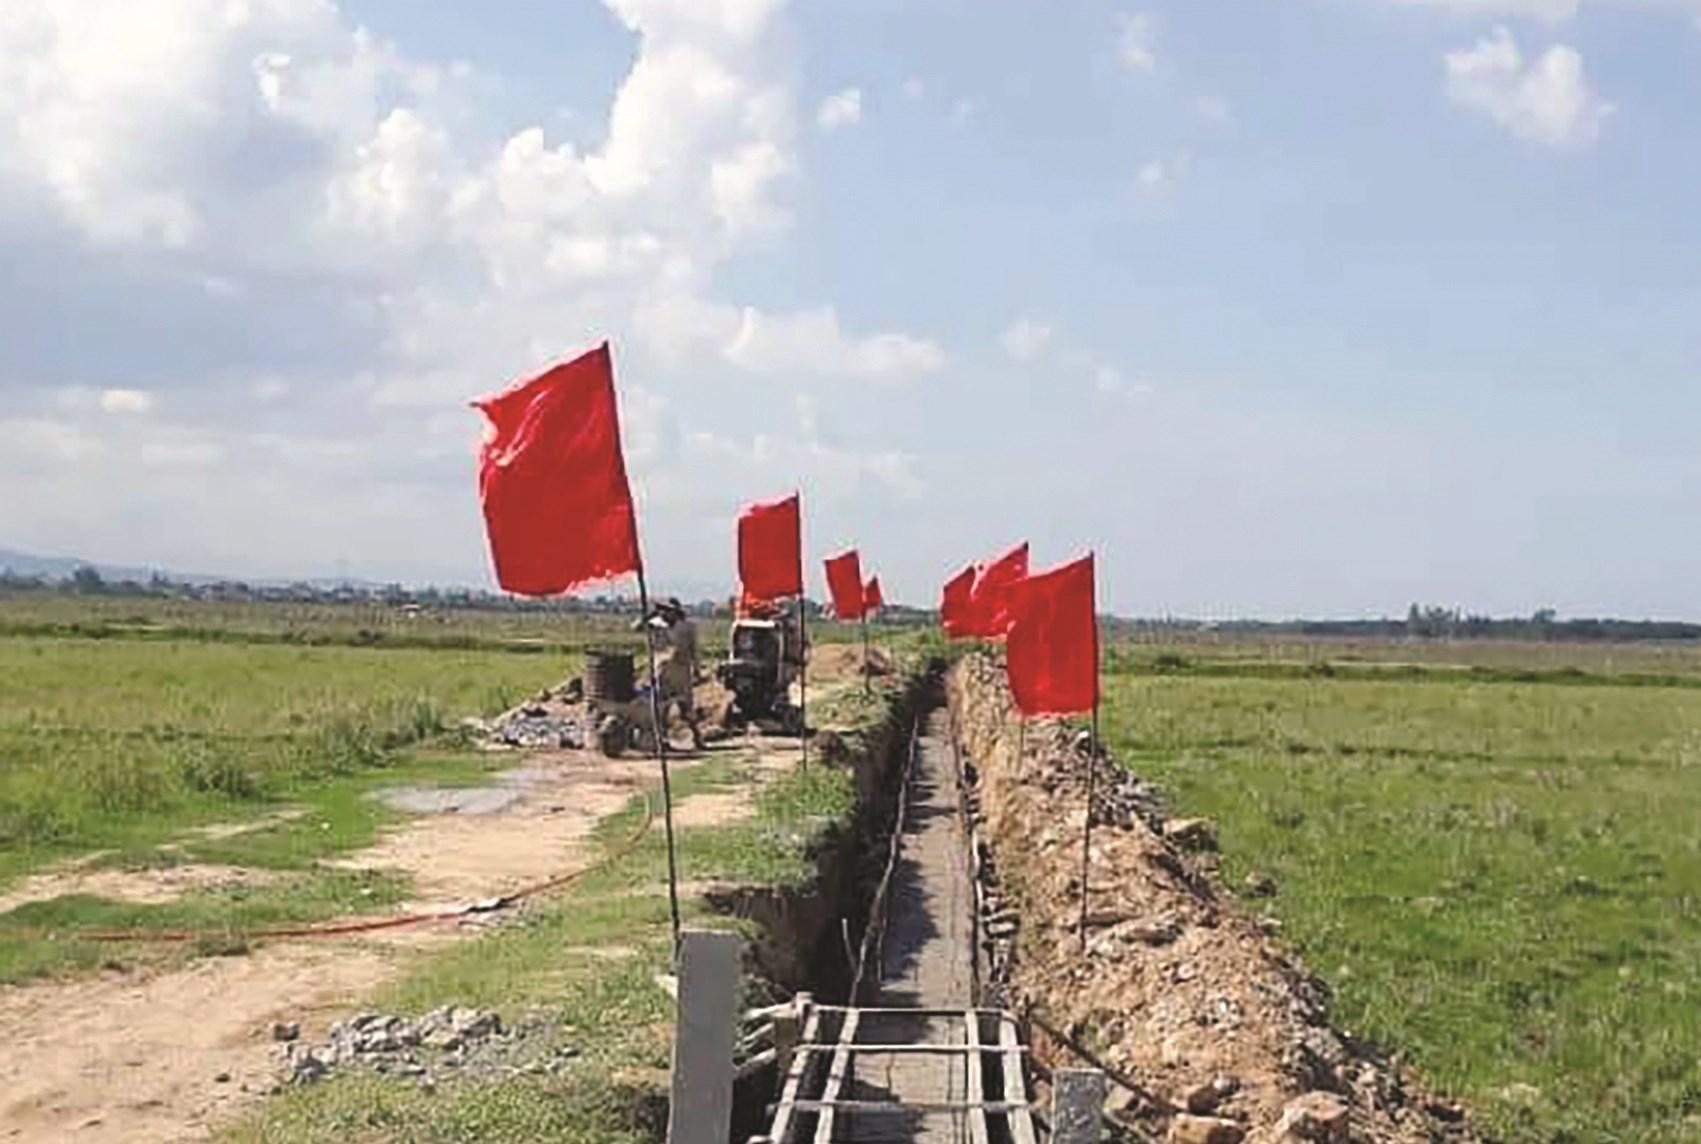 Huyện Bố Trạch kiên cố hóa hệ thống kênh mương nội đồng, chủ động tưới tiêu, phục vụ sản xuất nông nghiệp